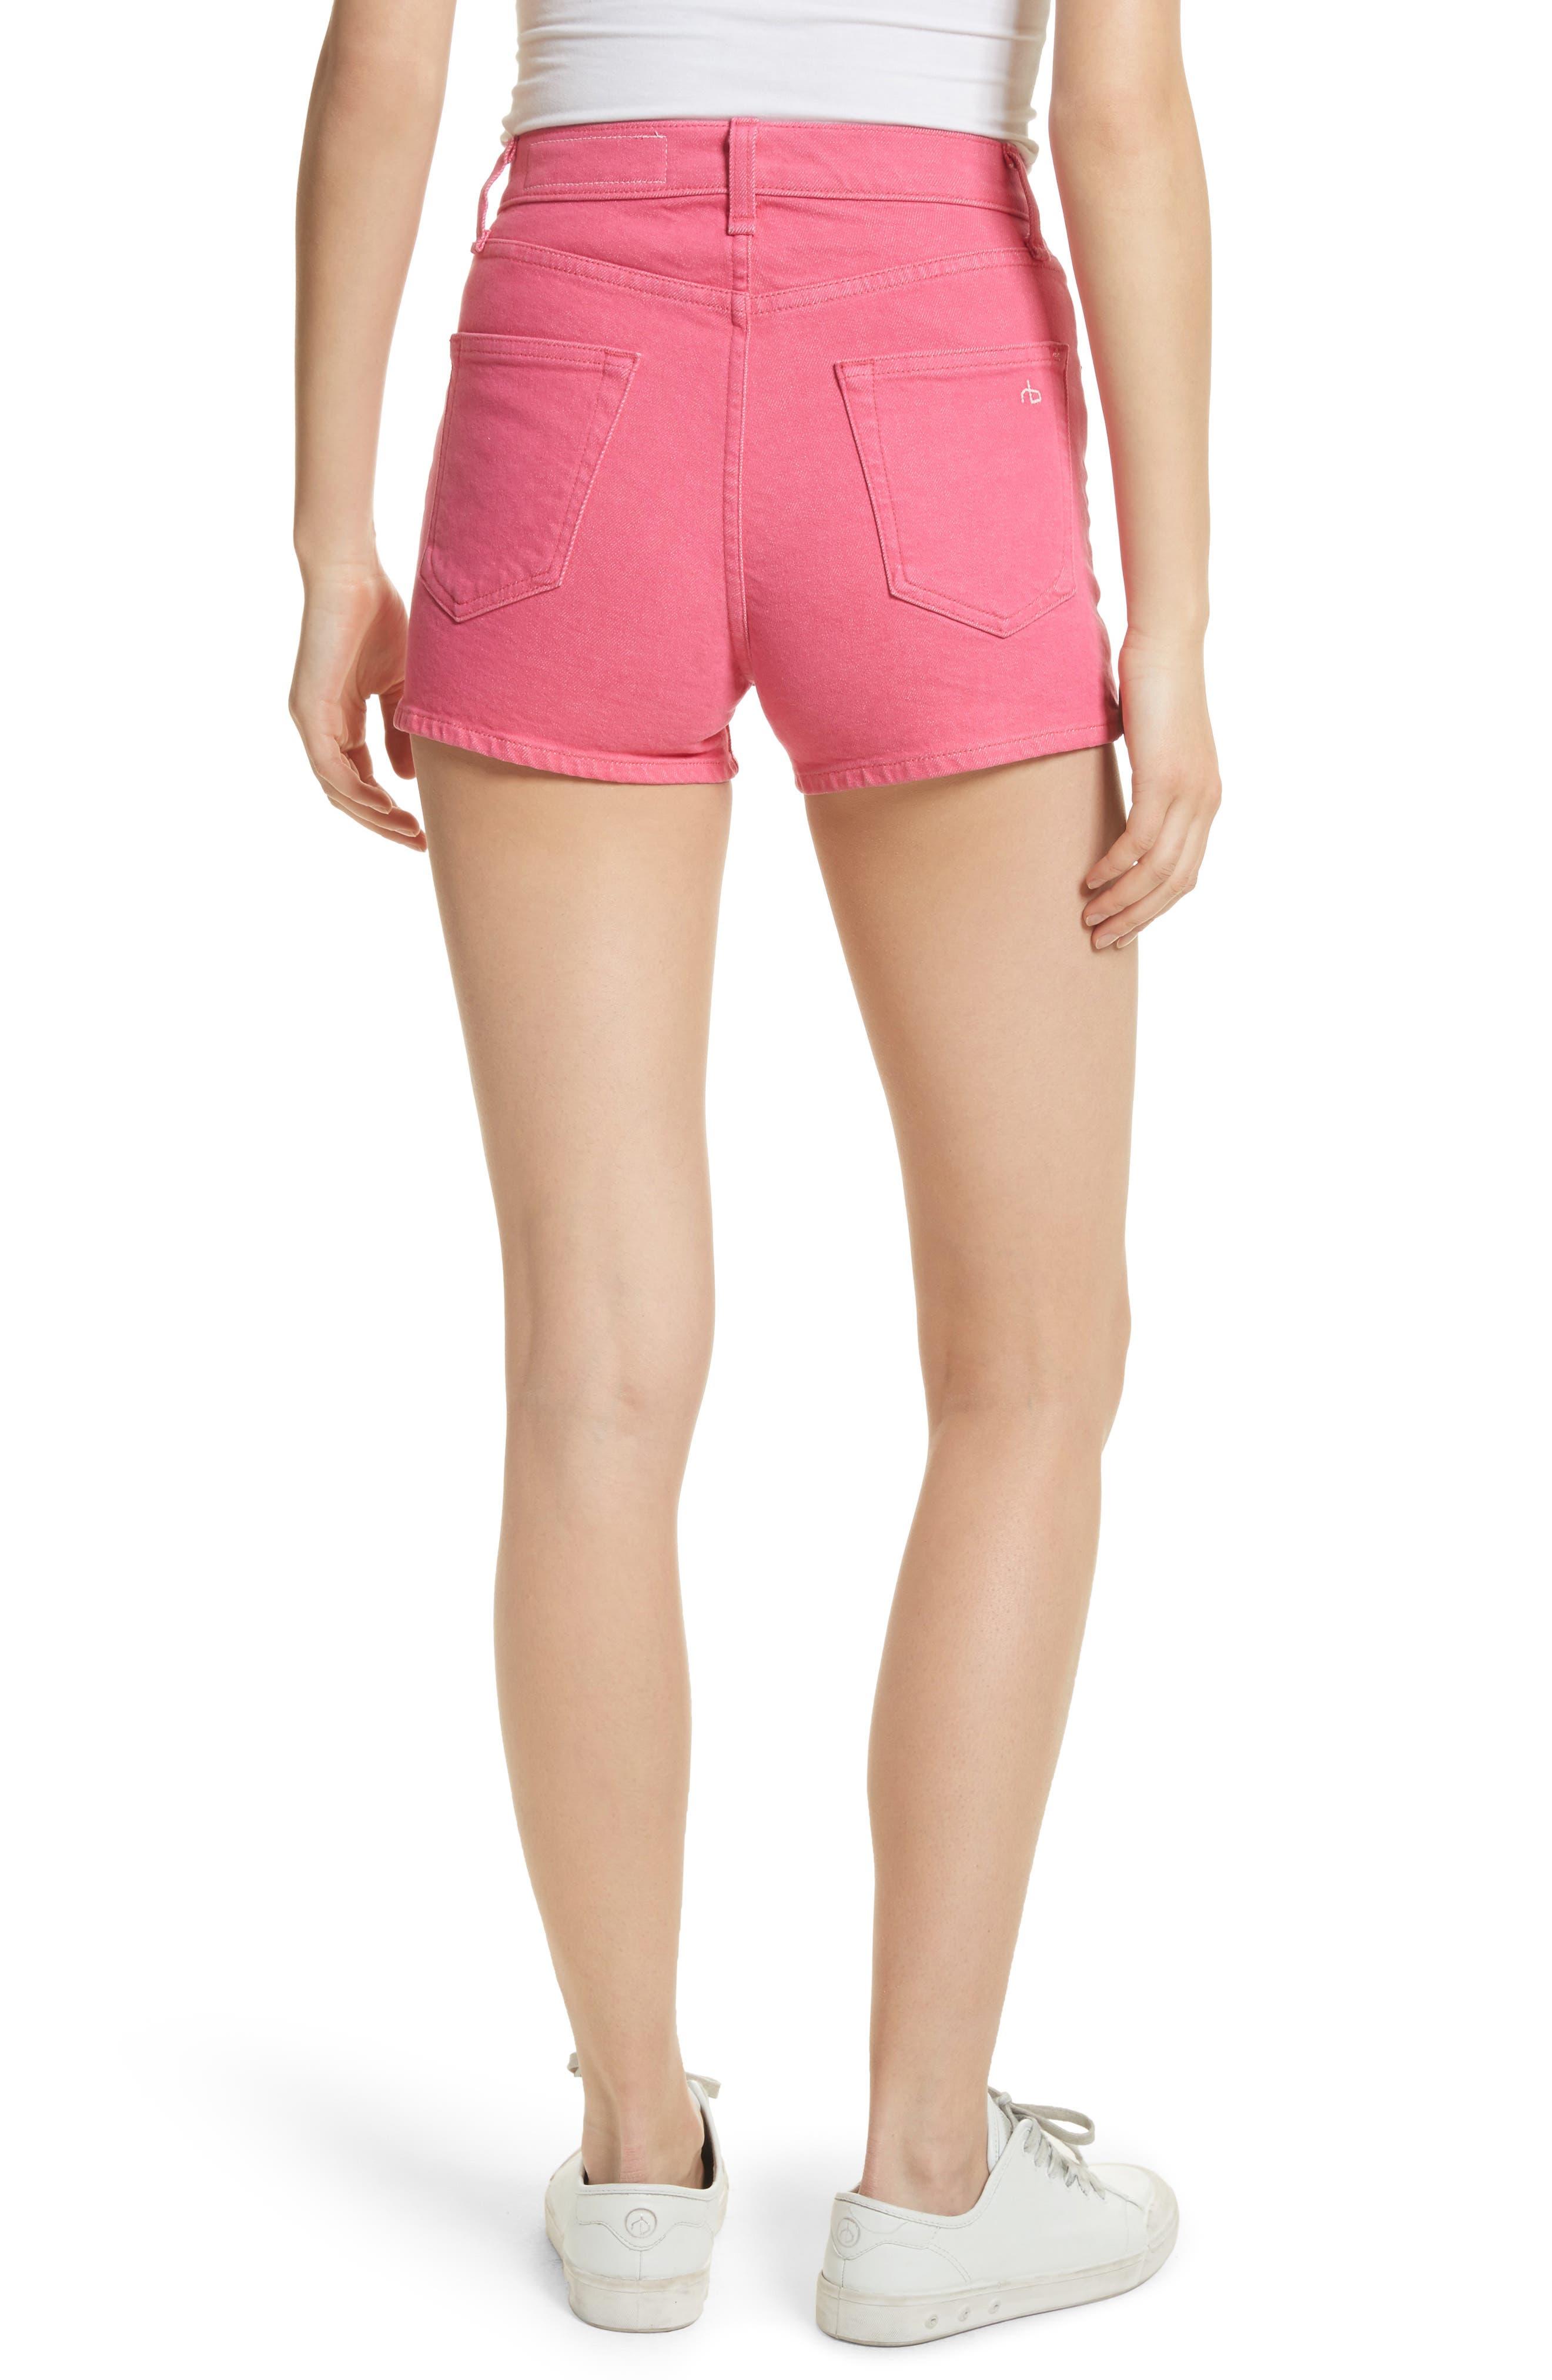 Justine High Waist Denim Shorts,                             Alternate thumbnail 2, color,                             672